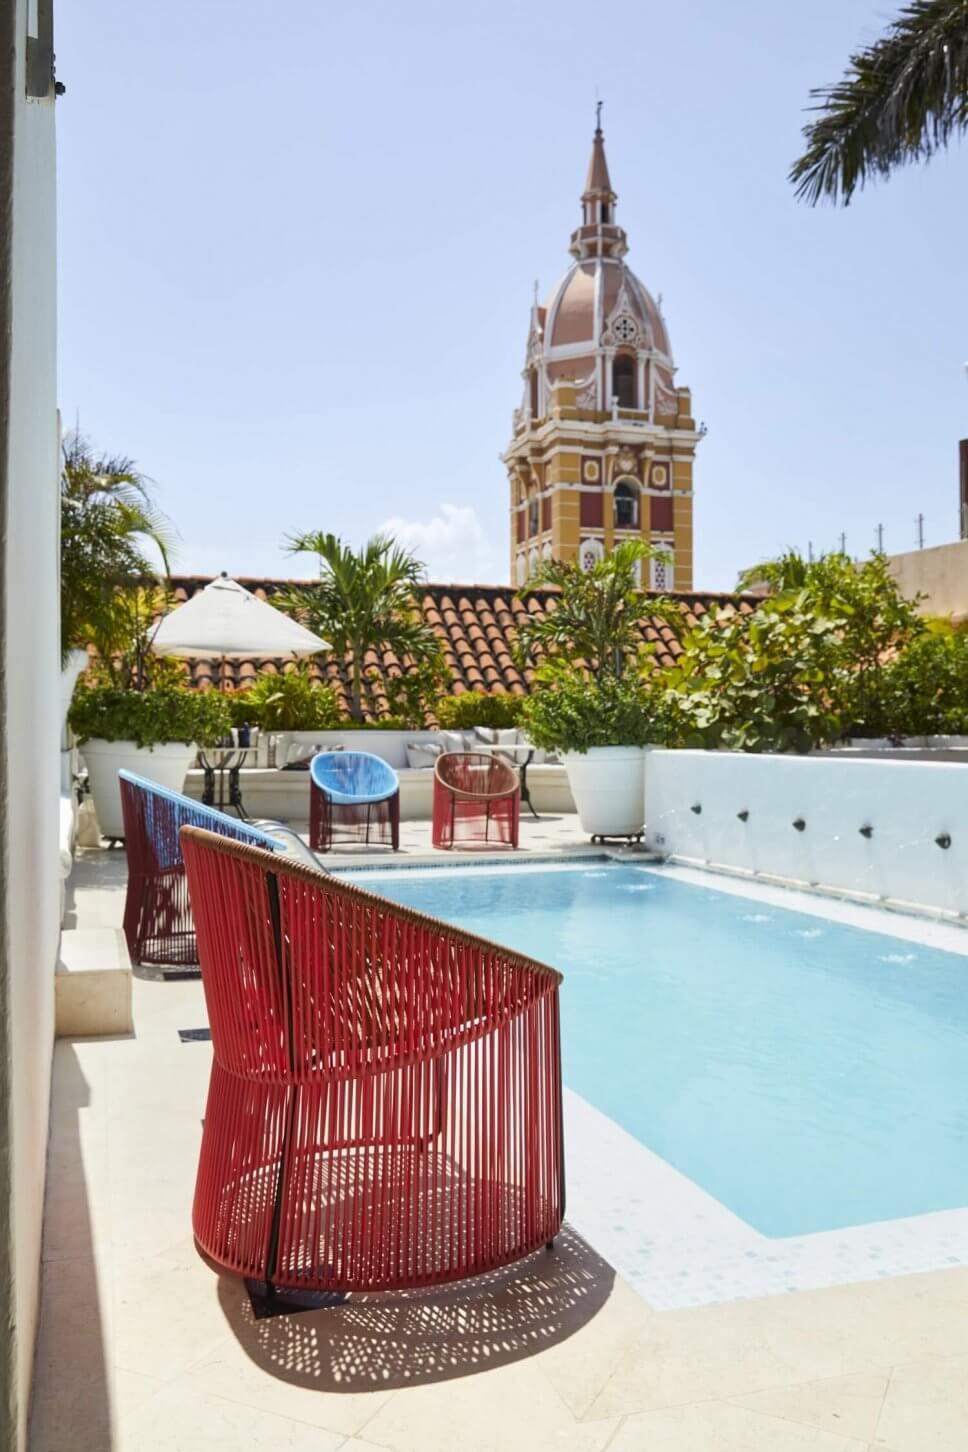 Sessel aus buntem Geflecht stehen um einem Pool in einer kolumbianischen Casa mit Blick auf Kirchturm im spanischen Kolonialstil